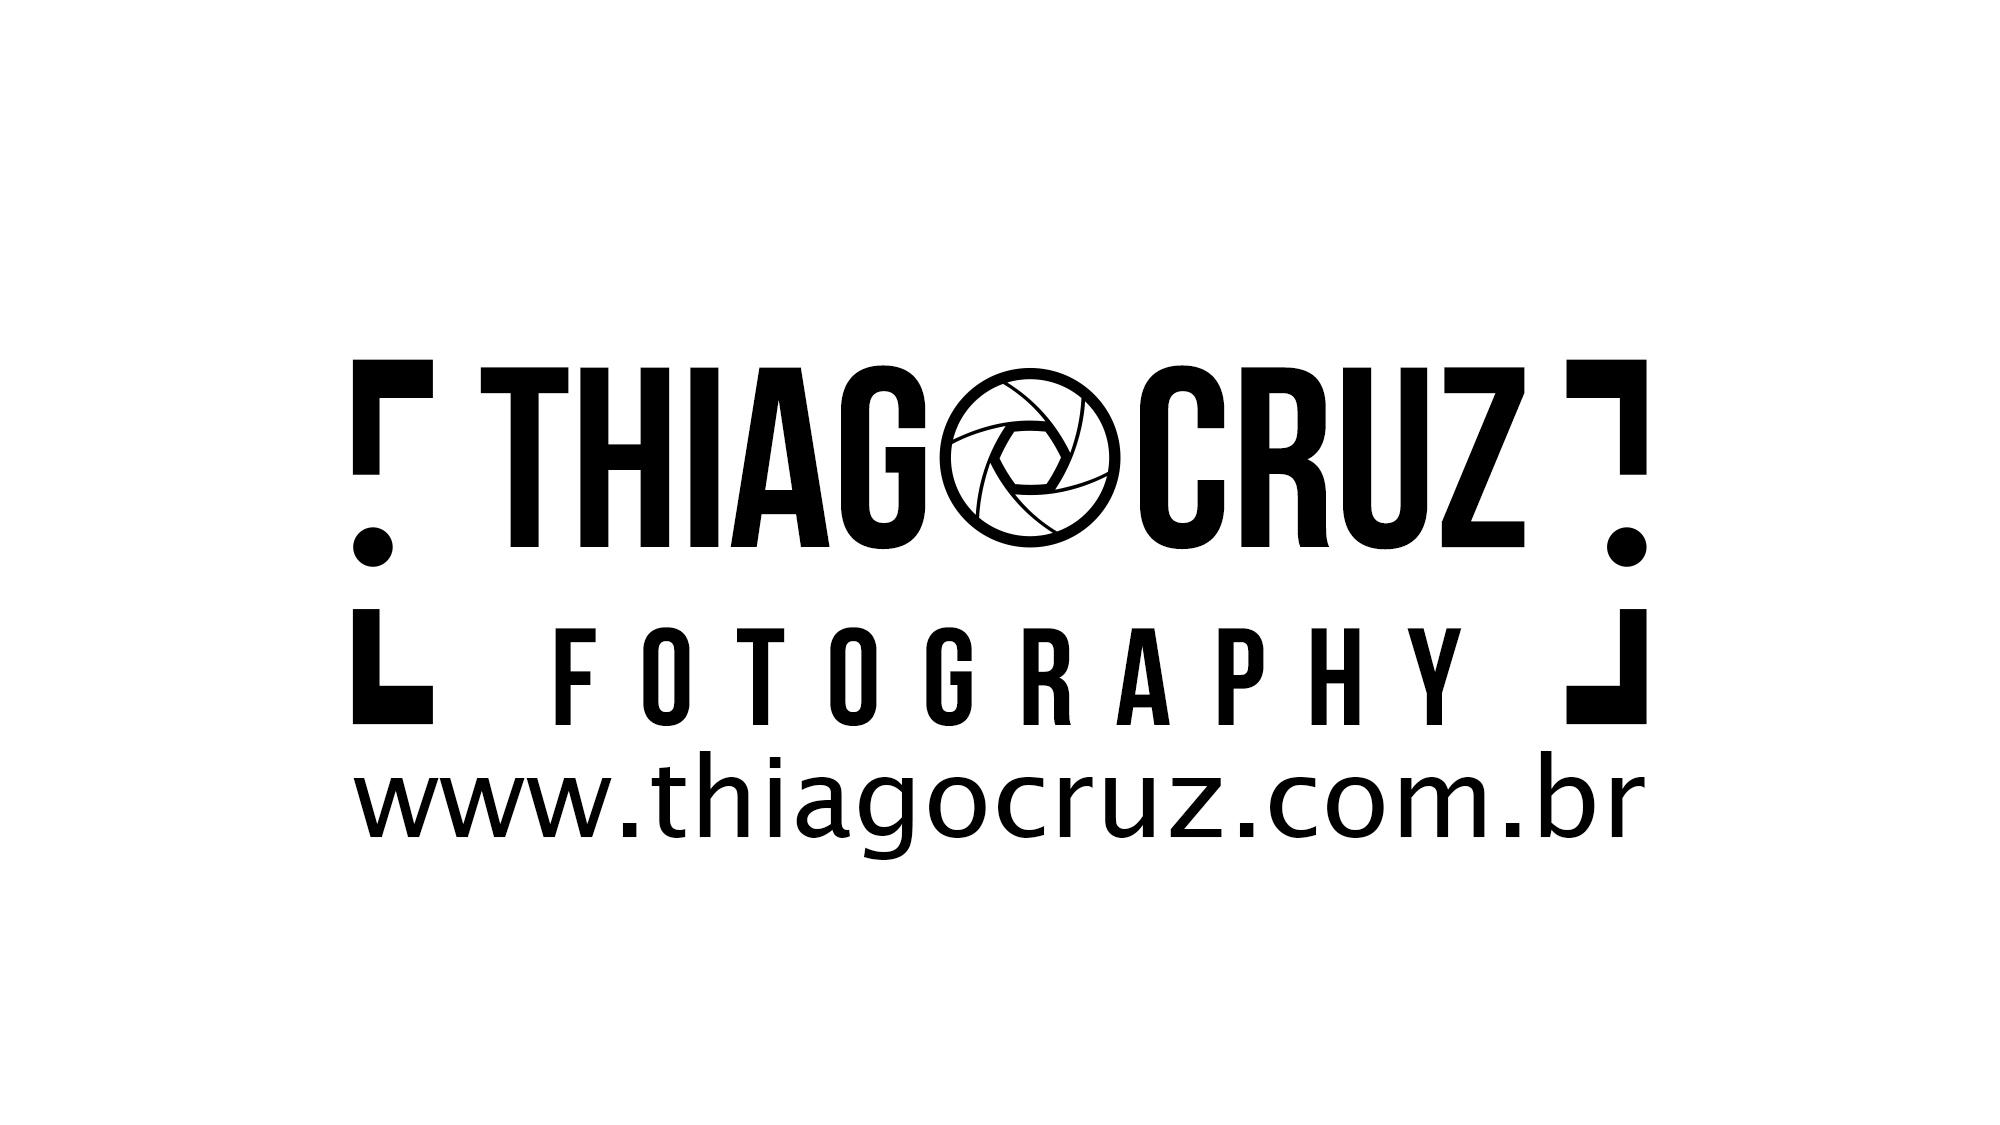 Contate Thiago Cruz